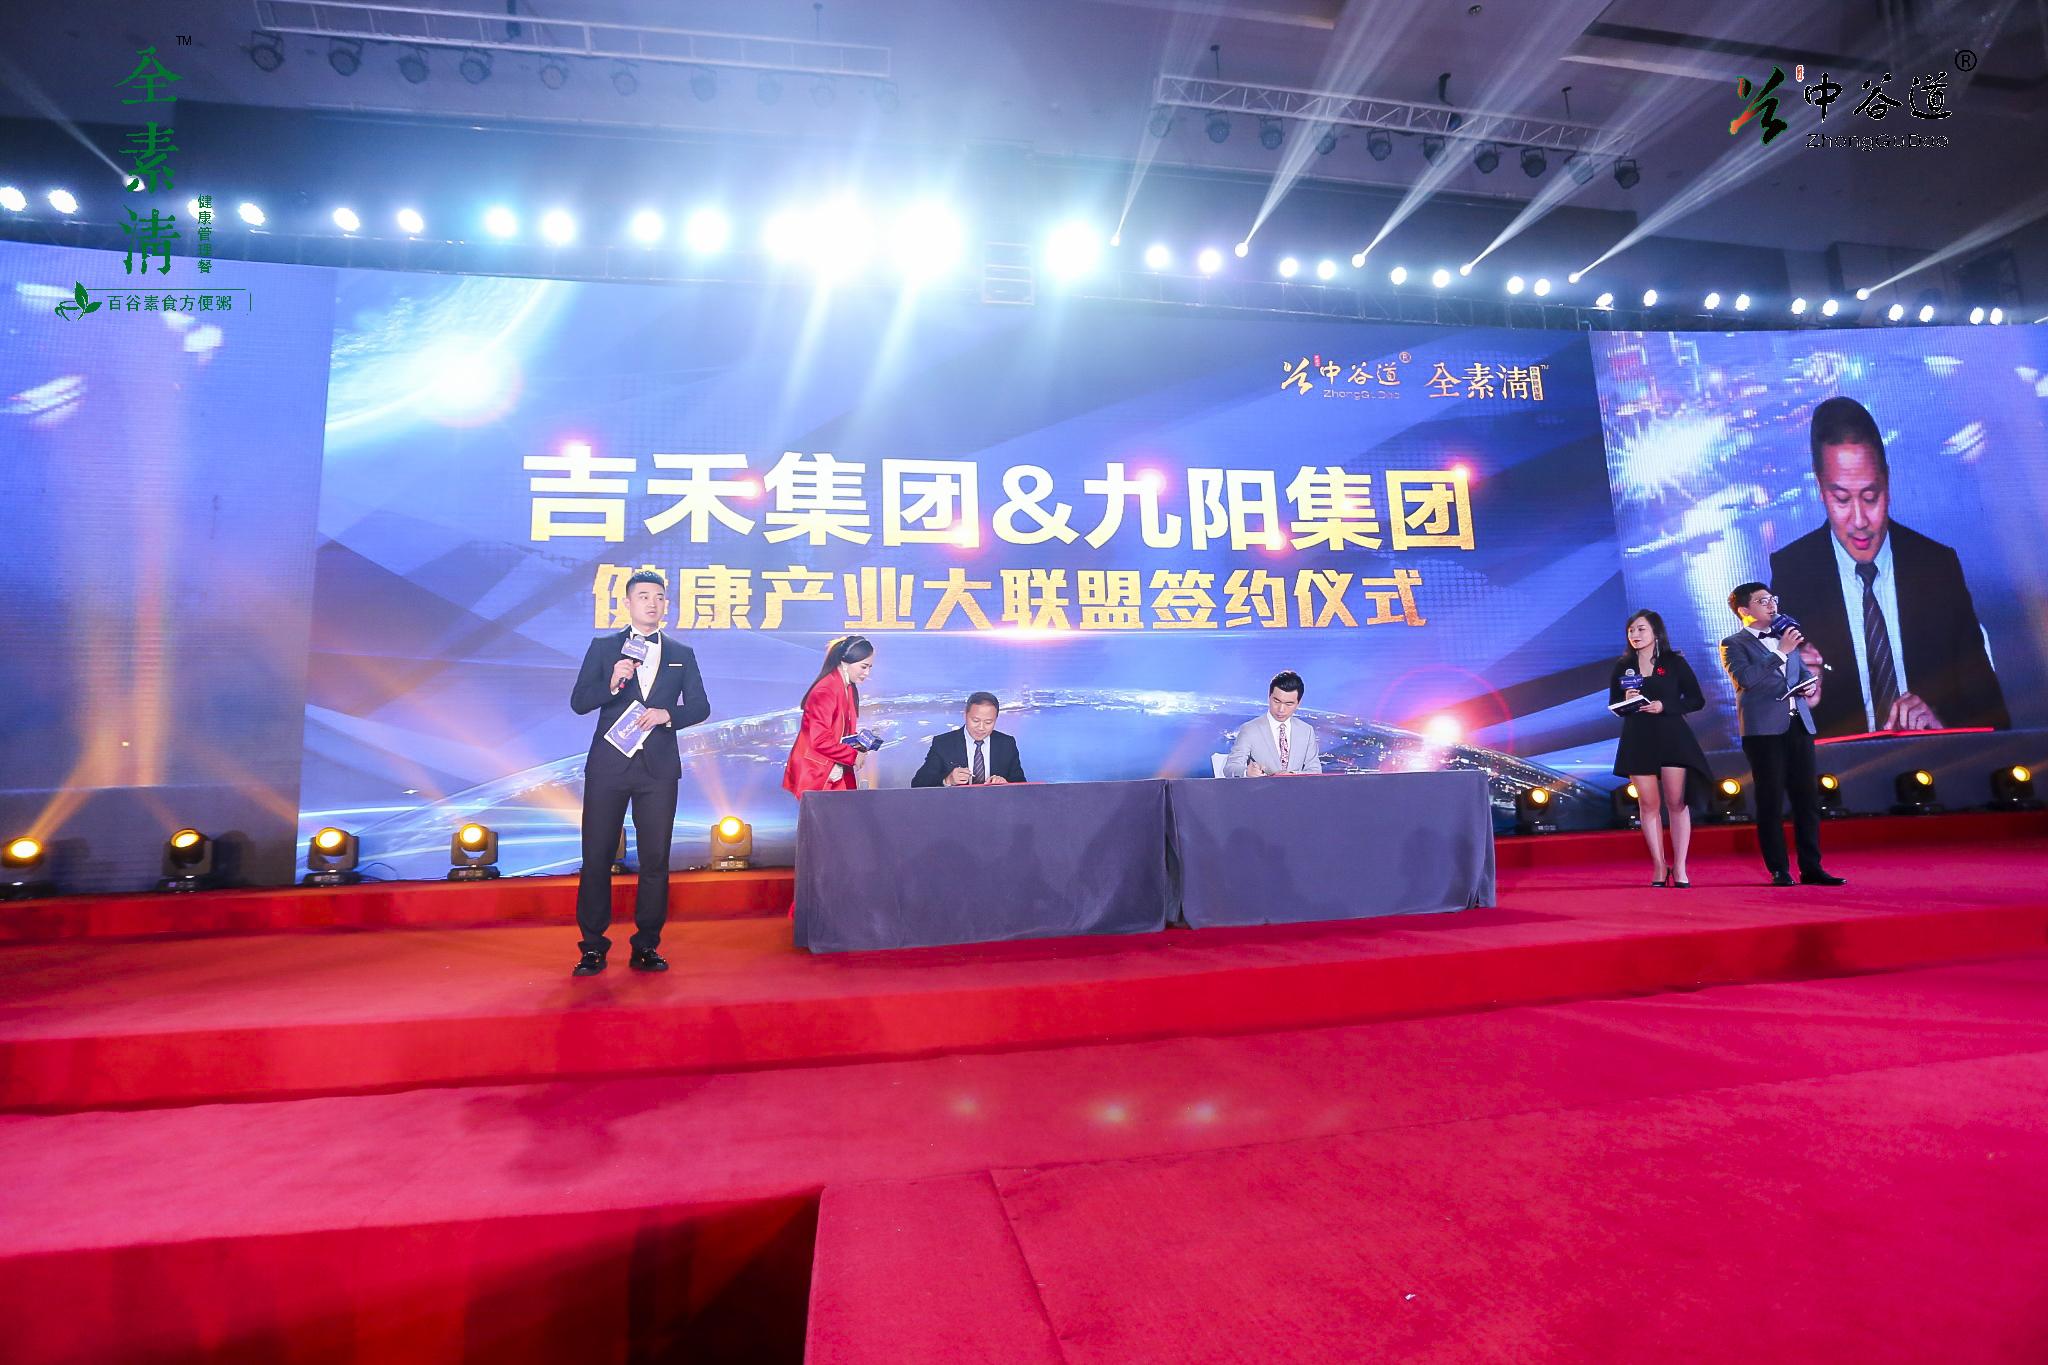 吉九集团(吉禾集团和九阳集团)健康产业大联盟签约仪式